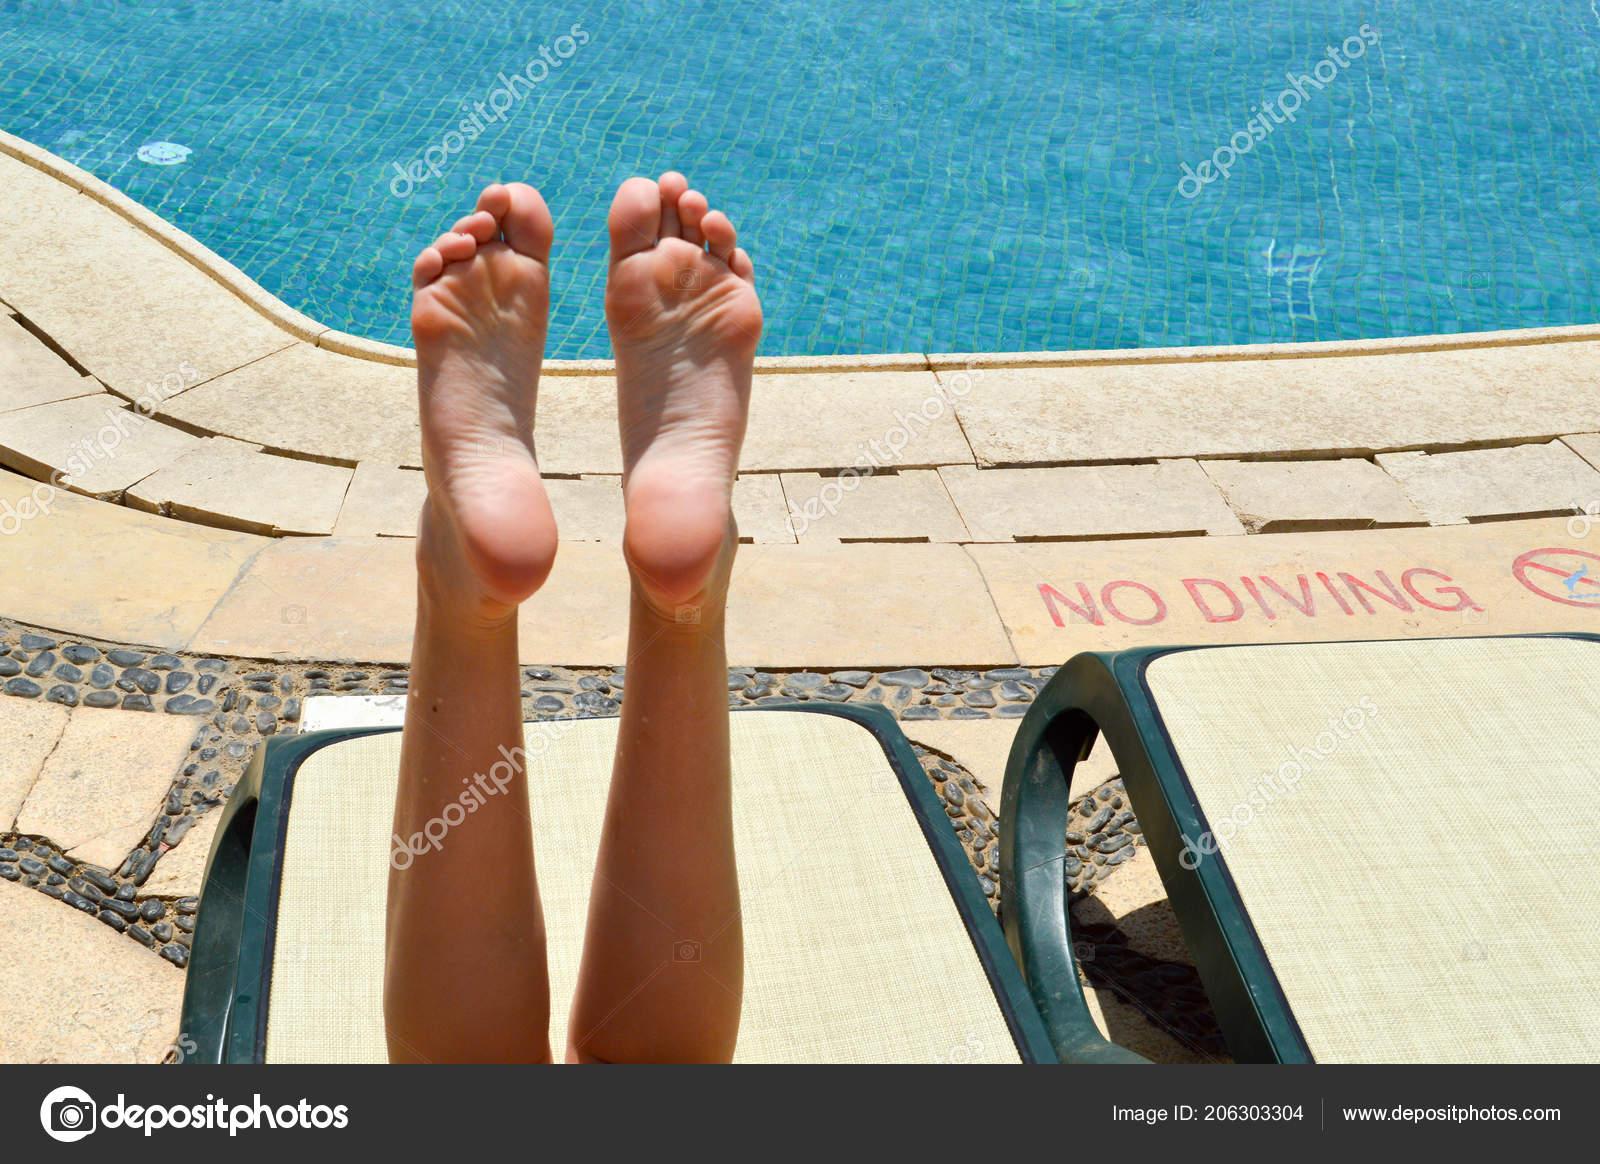 Sandya mridul bikini